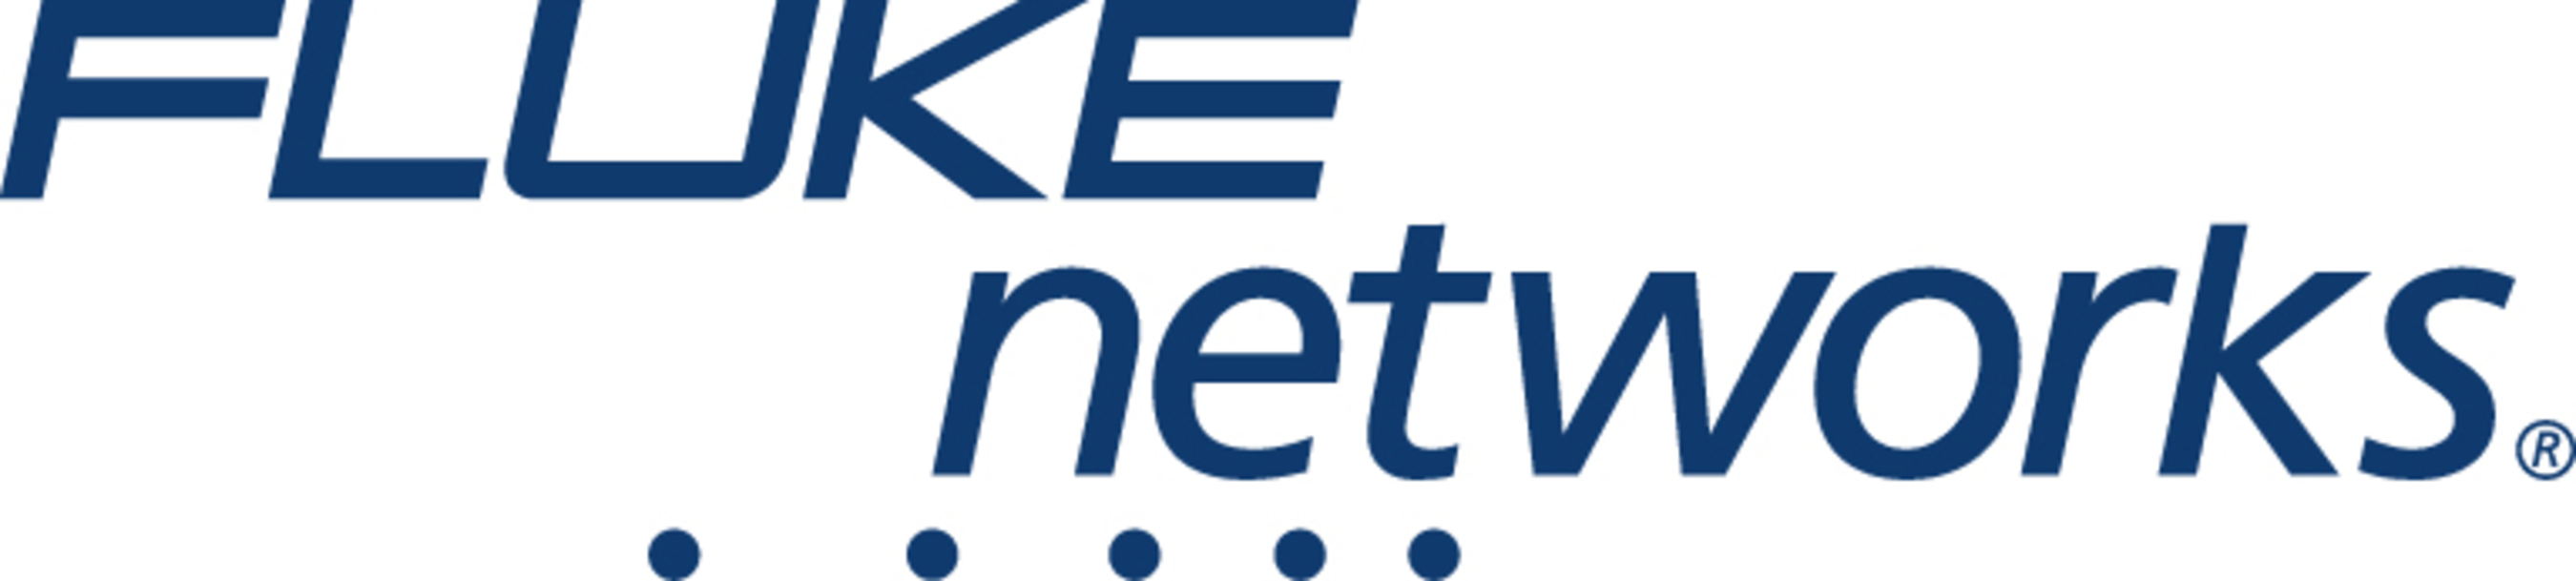 Fluke Networks logo.